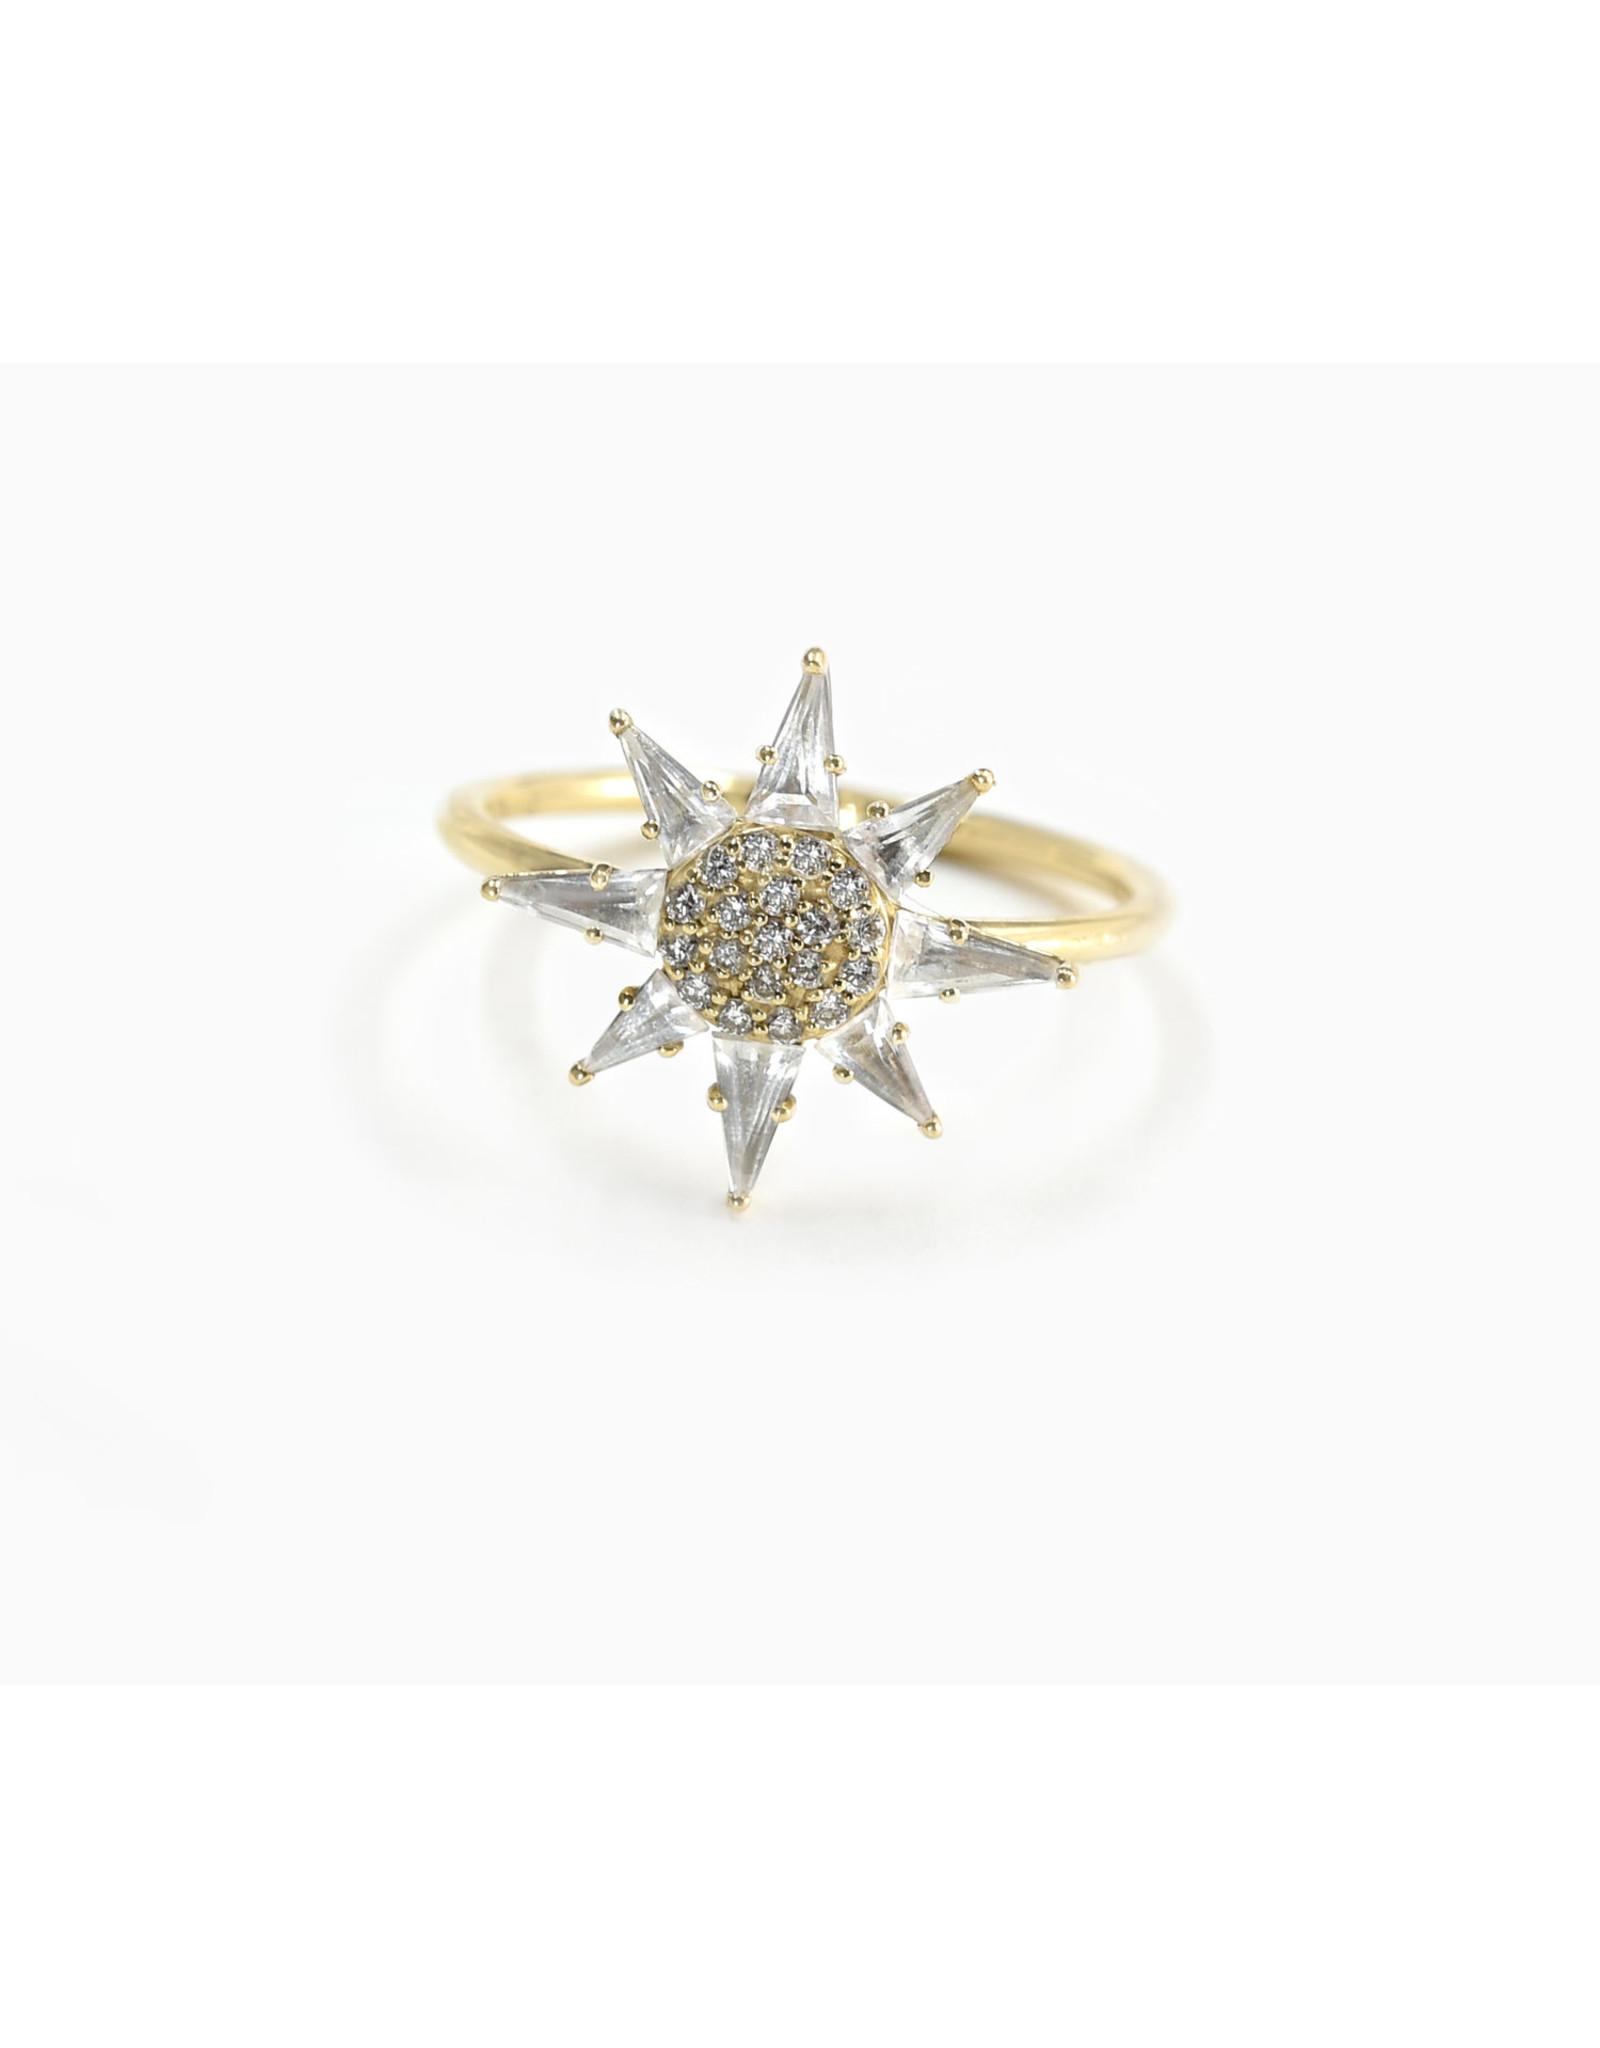 Bondeye Jewelry Bondeye Clio White Topaz Ring (Size: 7, Color: Yellow Gold / White Topaz / White Diamond)